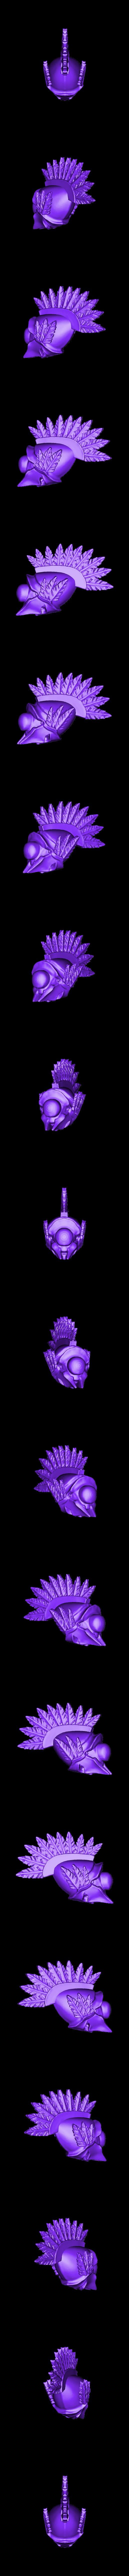 head_v3.stl Télécharger fichier STL gratuit Infatrie des elfes / Miniatures des lanciers • Plan imprimable en 3D, Ilhadiel